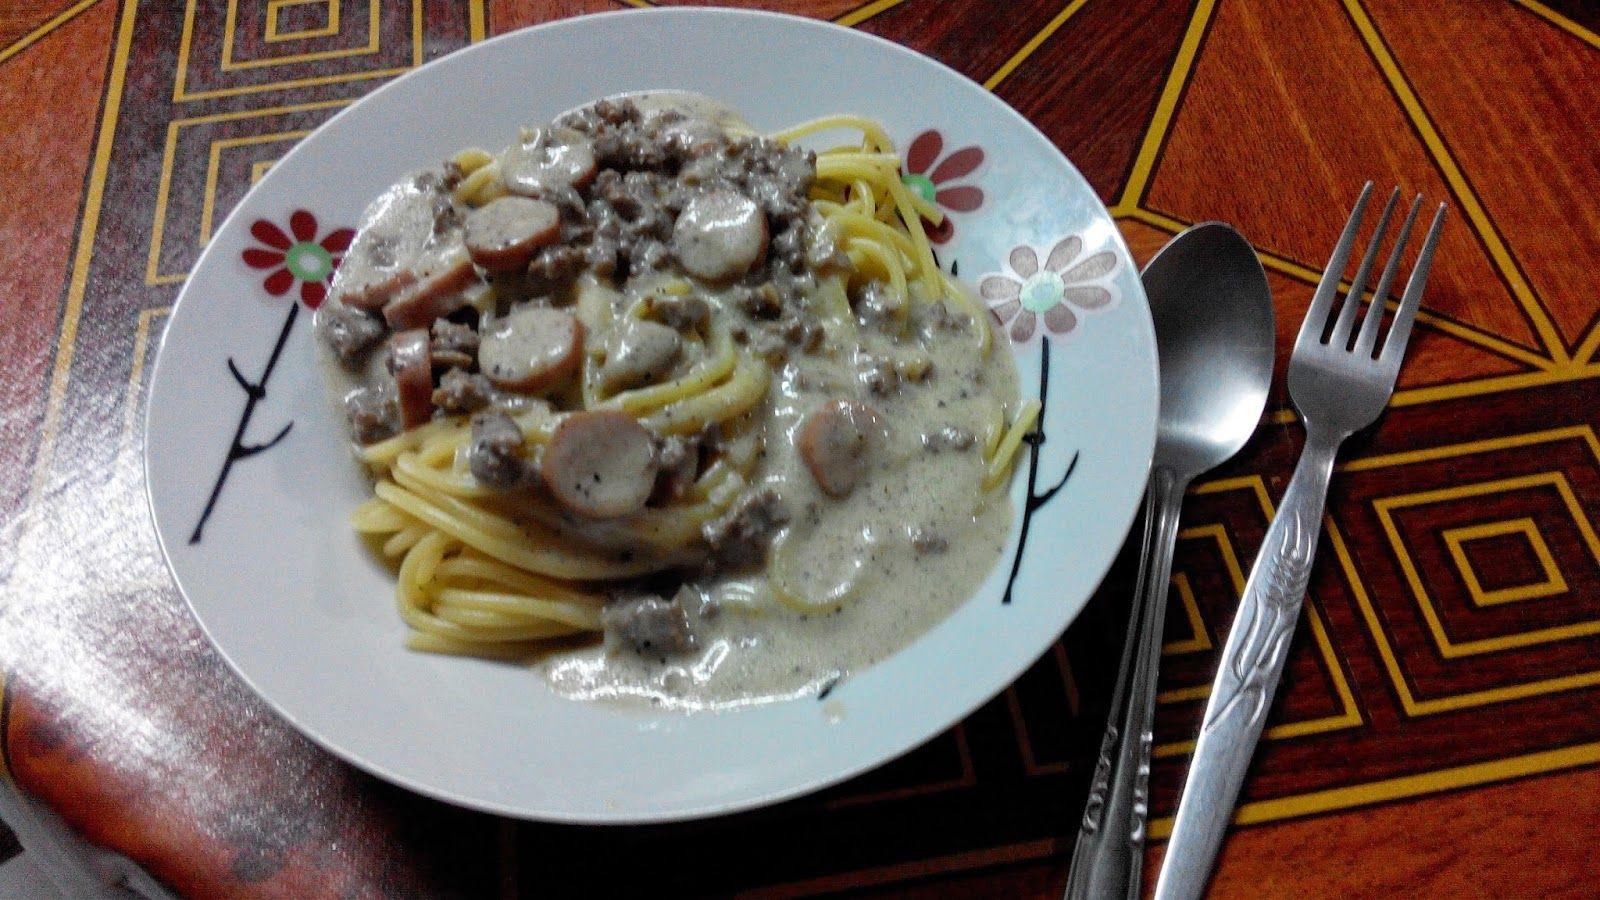 Azwar Syuhada: Resepi Spaghetti Carbonara yang Lazat dan Mudah | Spaghetti carbonara, Carbonara